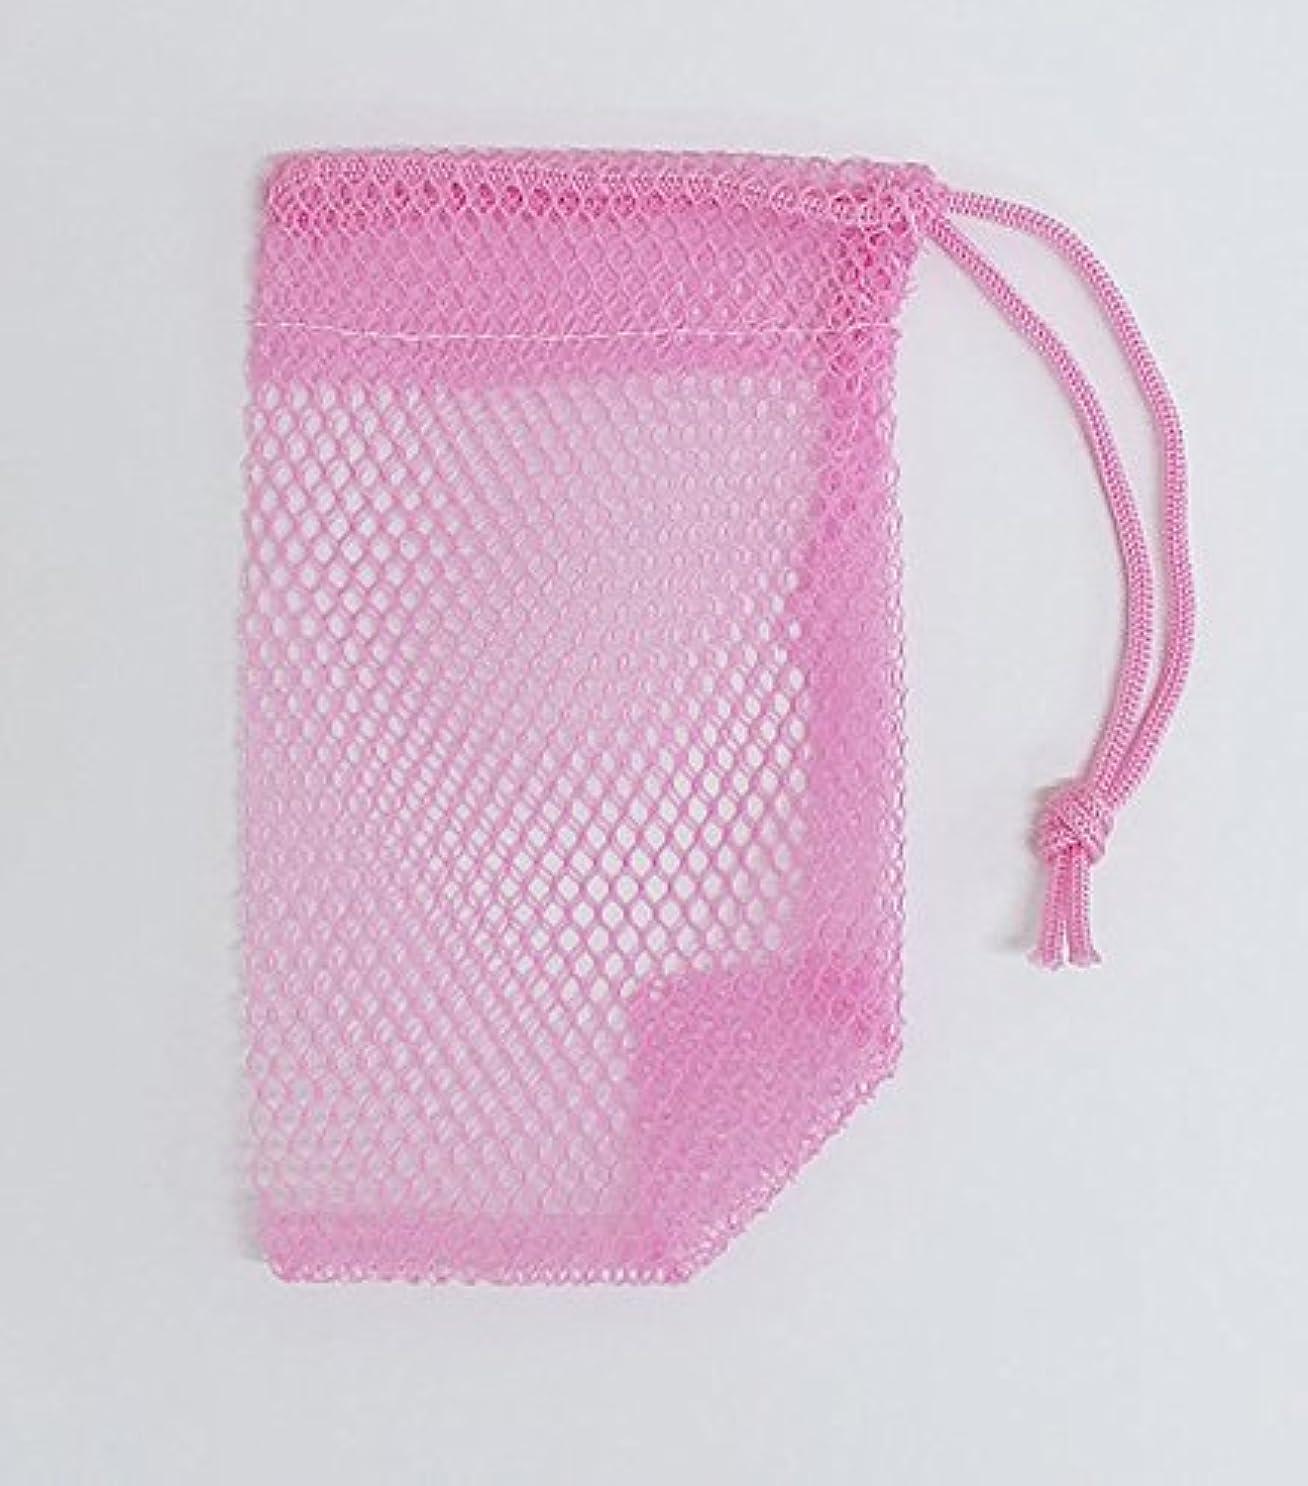 優遇解説入射石けんネット ひもタイプ 20枚組  ピンク